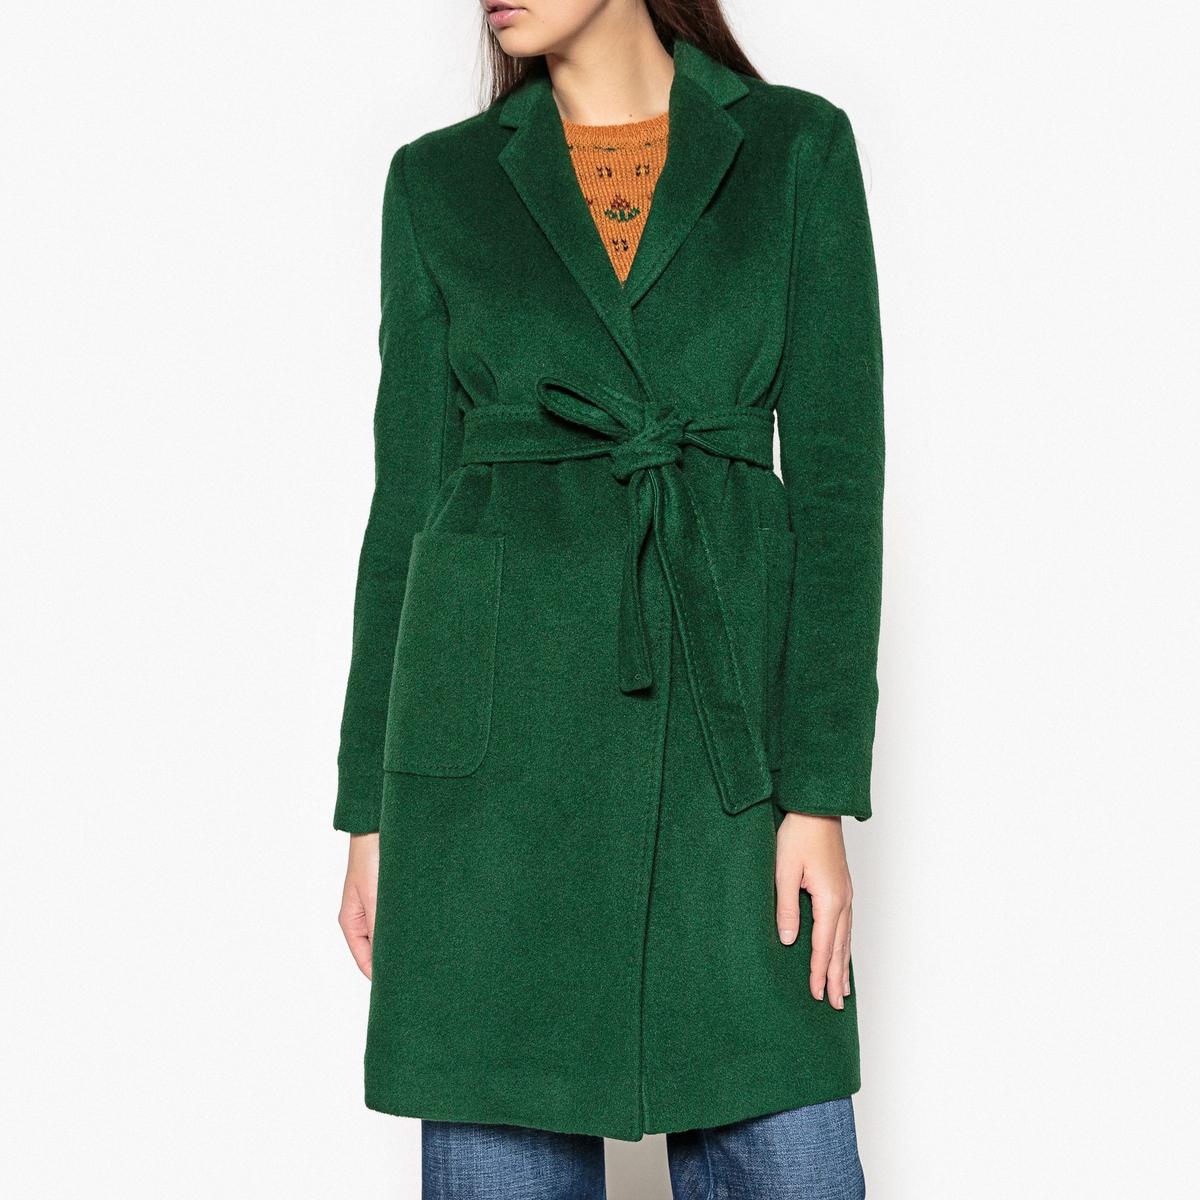 Пальто длинное с поясом CARMEN пальто двухцветное с поясом 70% шерсти